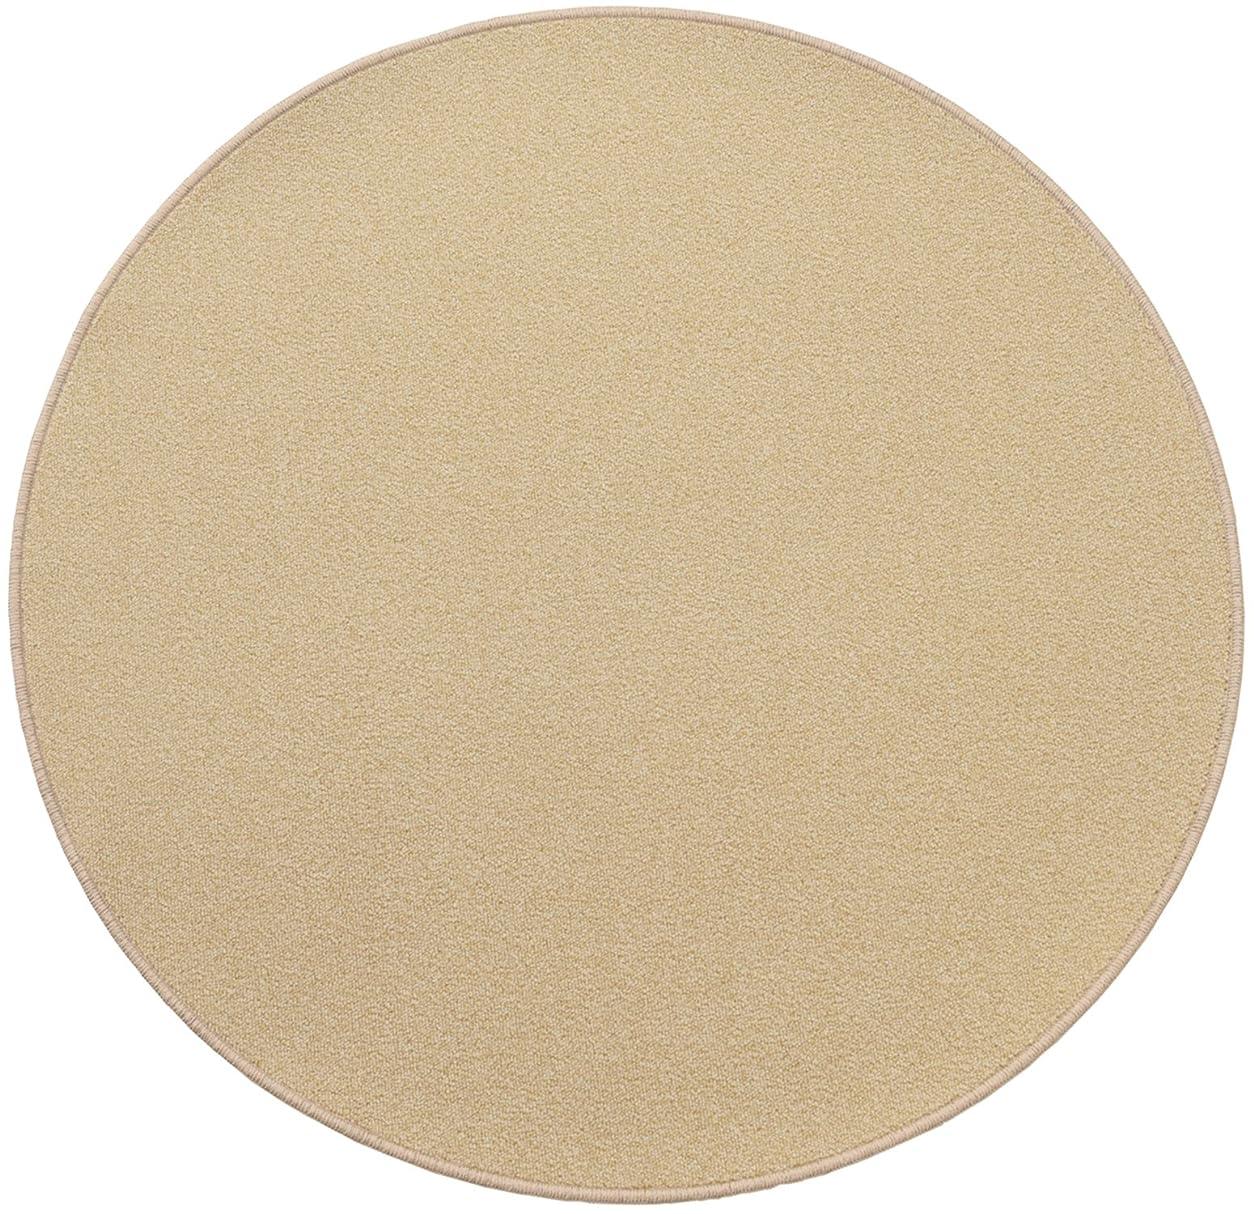 頭蓋骨成果パレードBESONTチェアマット デスクマット 透明フロアマット 床を保護 900 * 1200 * 1.5mm フローリング/畳/床暖房対応 カート可能 傷つけない 汚れ防止